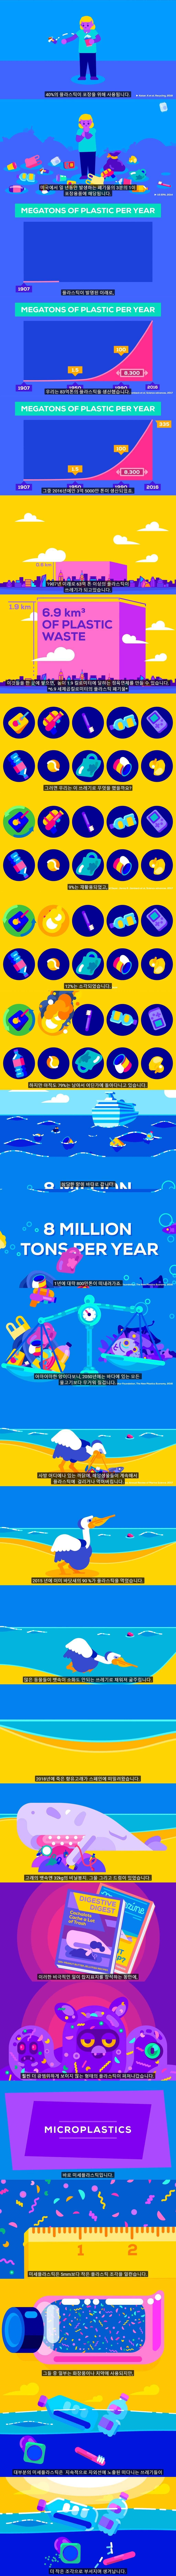 플라스틱 오염이 인간에게도 치명적인 이유.jpg | 인스티즈